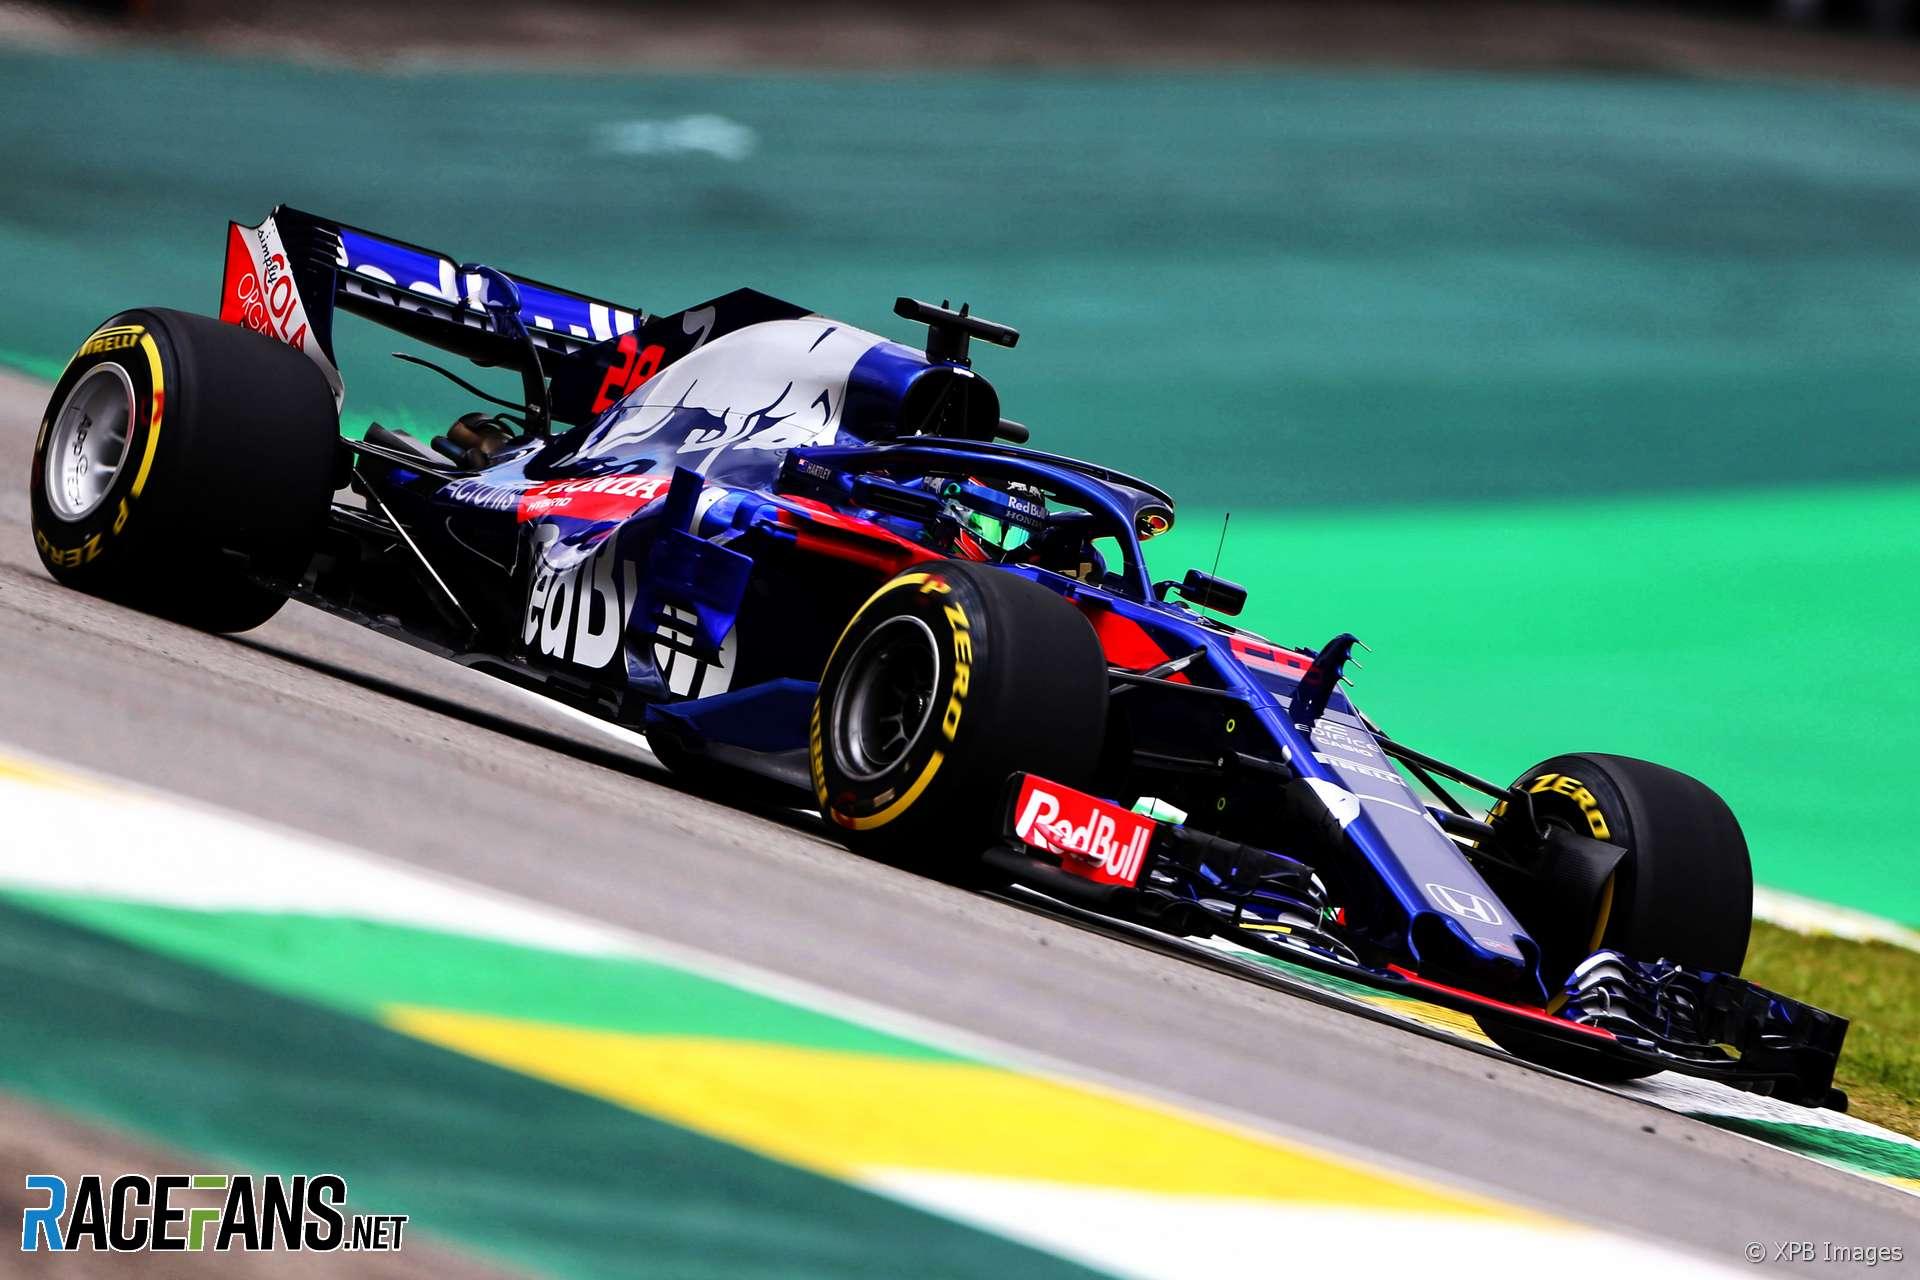 Brendon Hartley, Toro Rosso, Interlagos, 2018